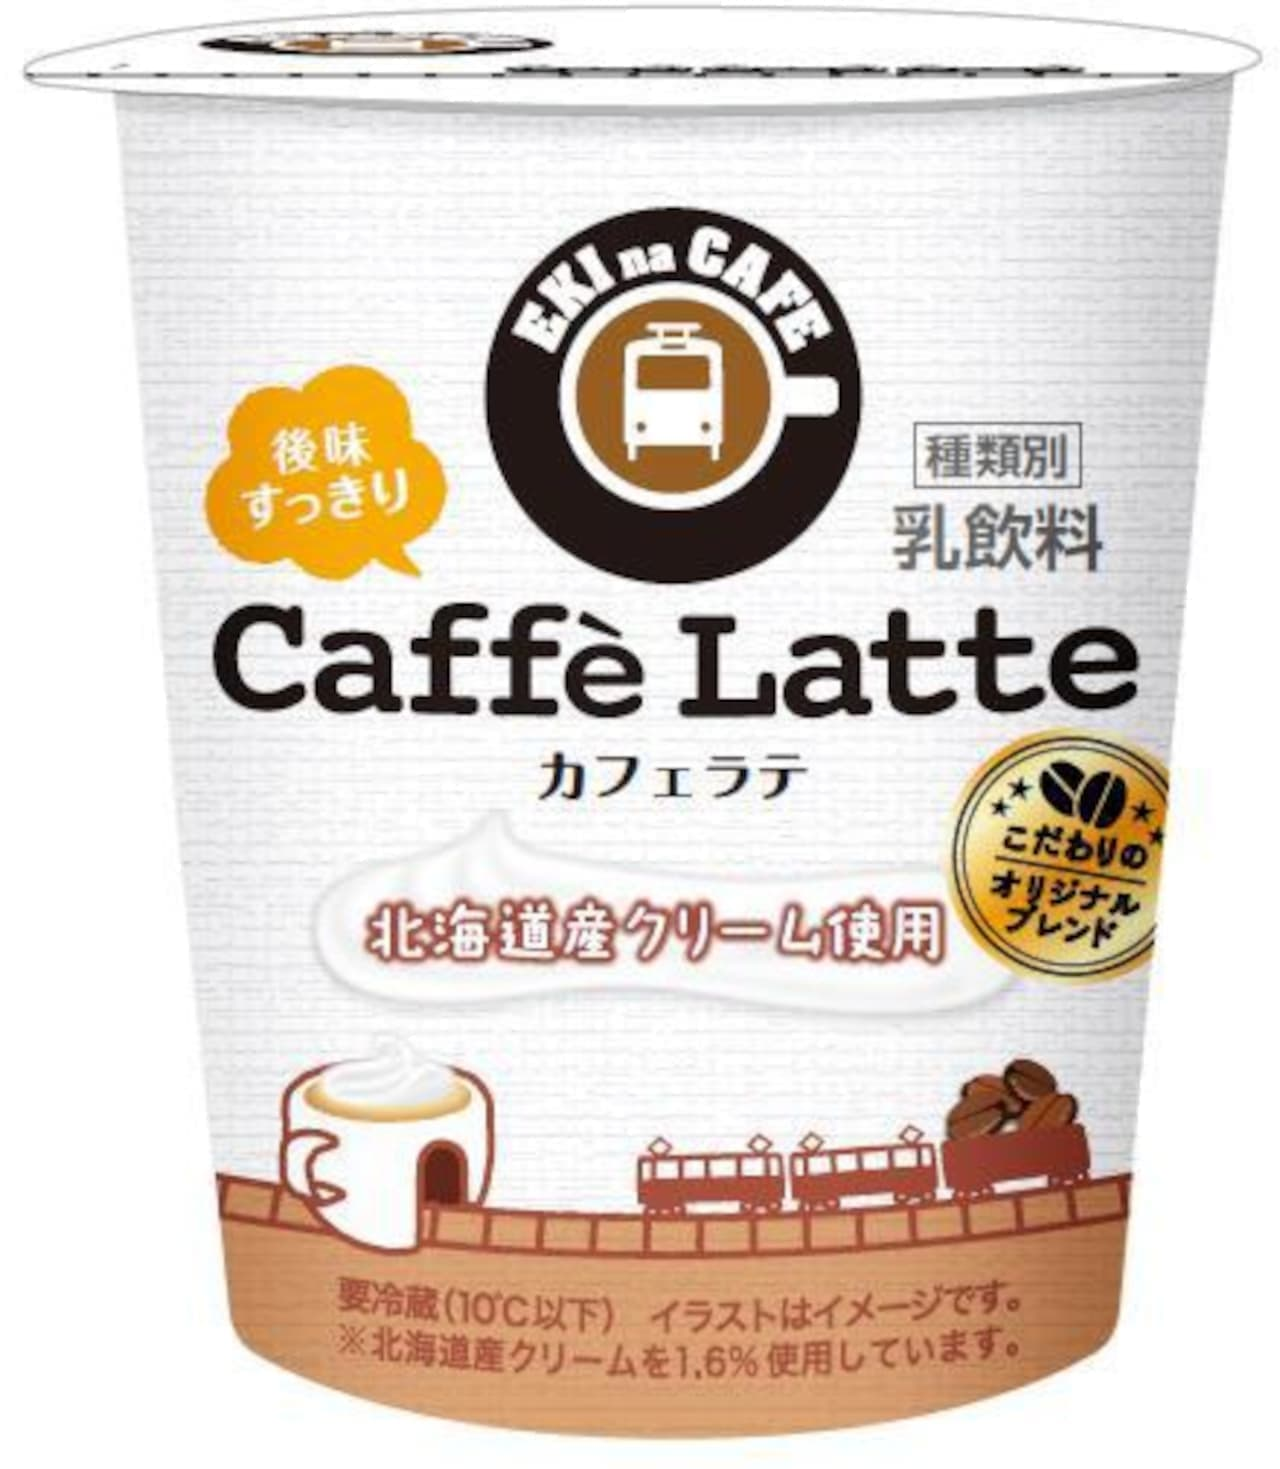 ニューデイズ「EKI na CAFE カフェラテ」